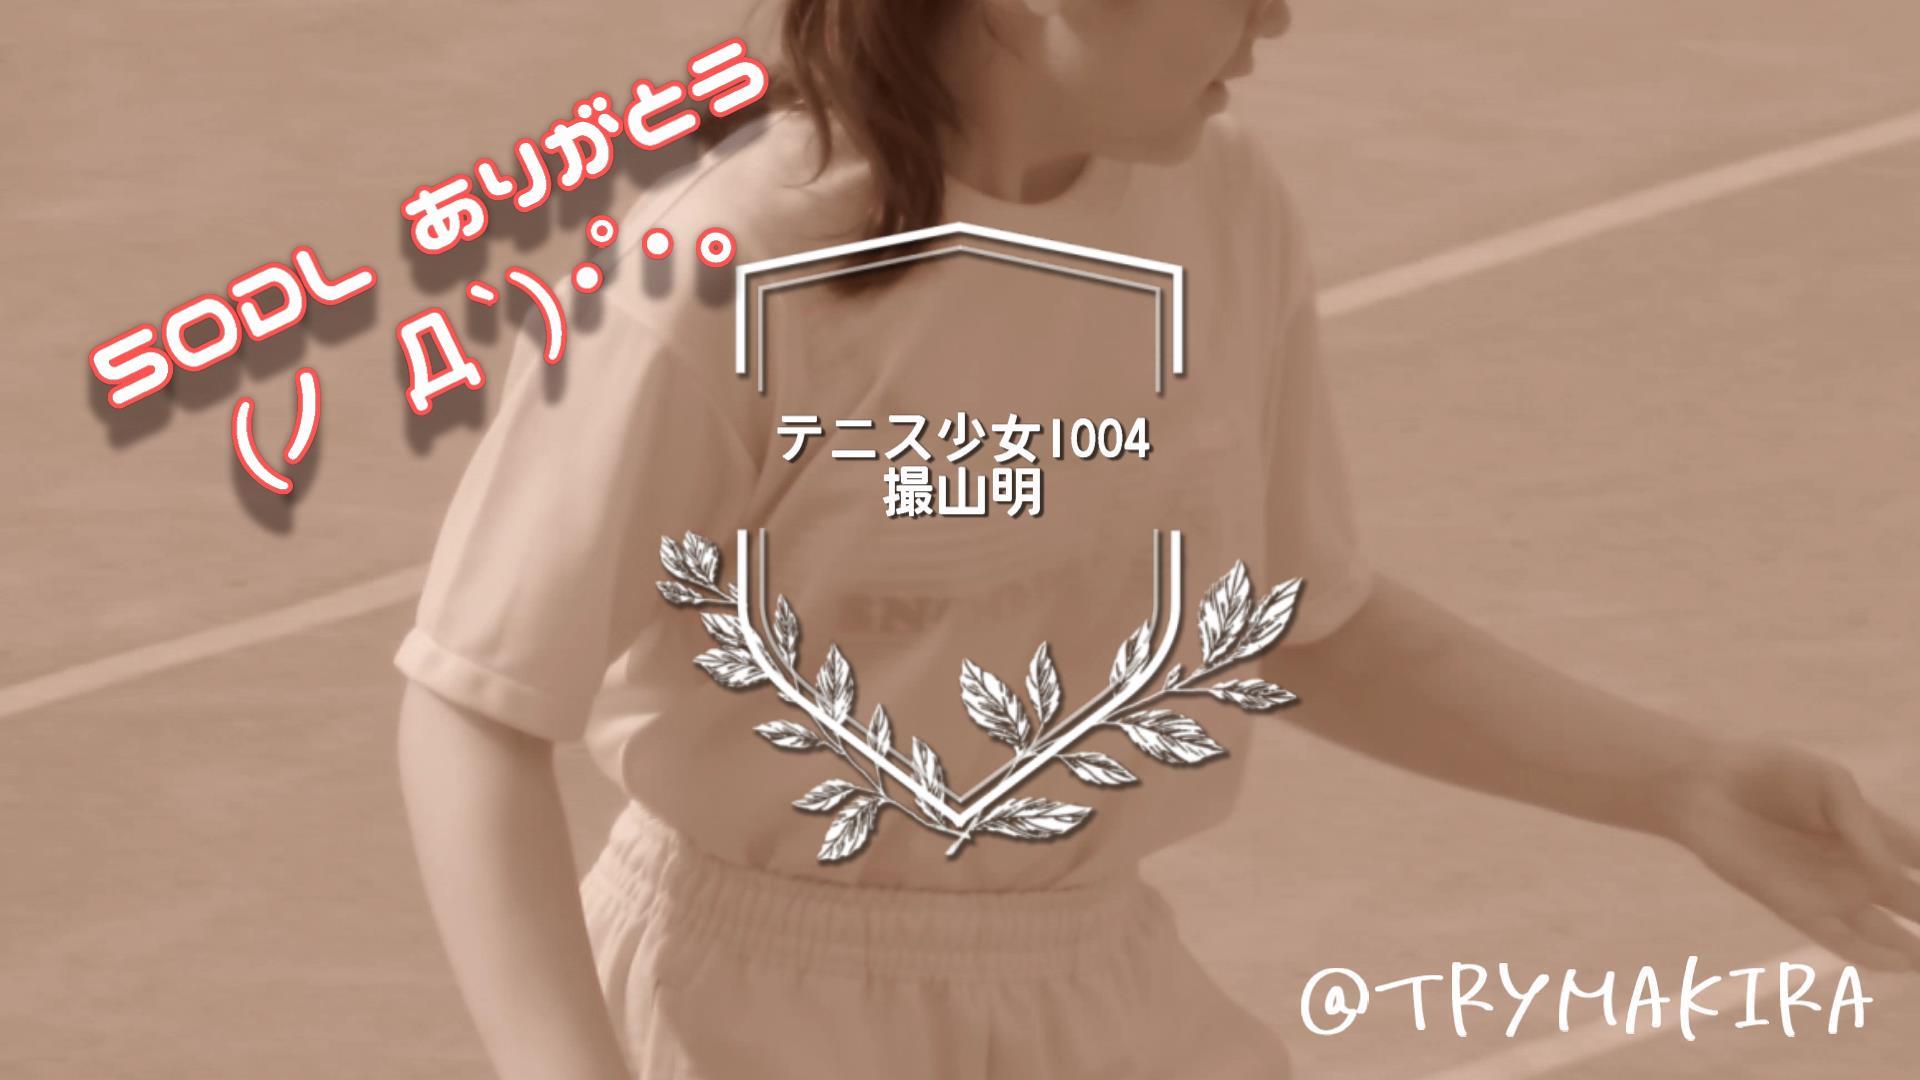 【FullHD1004】テニス少女のパンツは水玉が多い